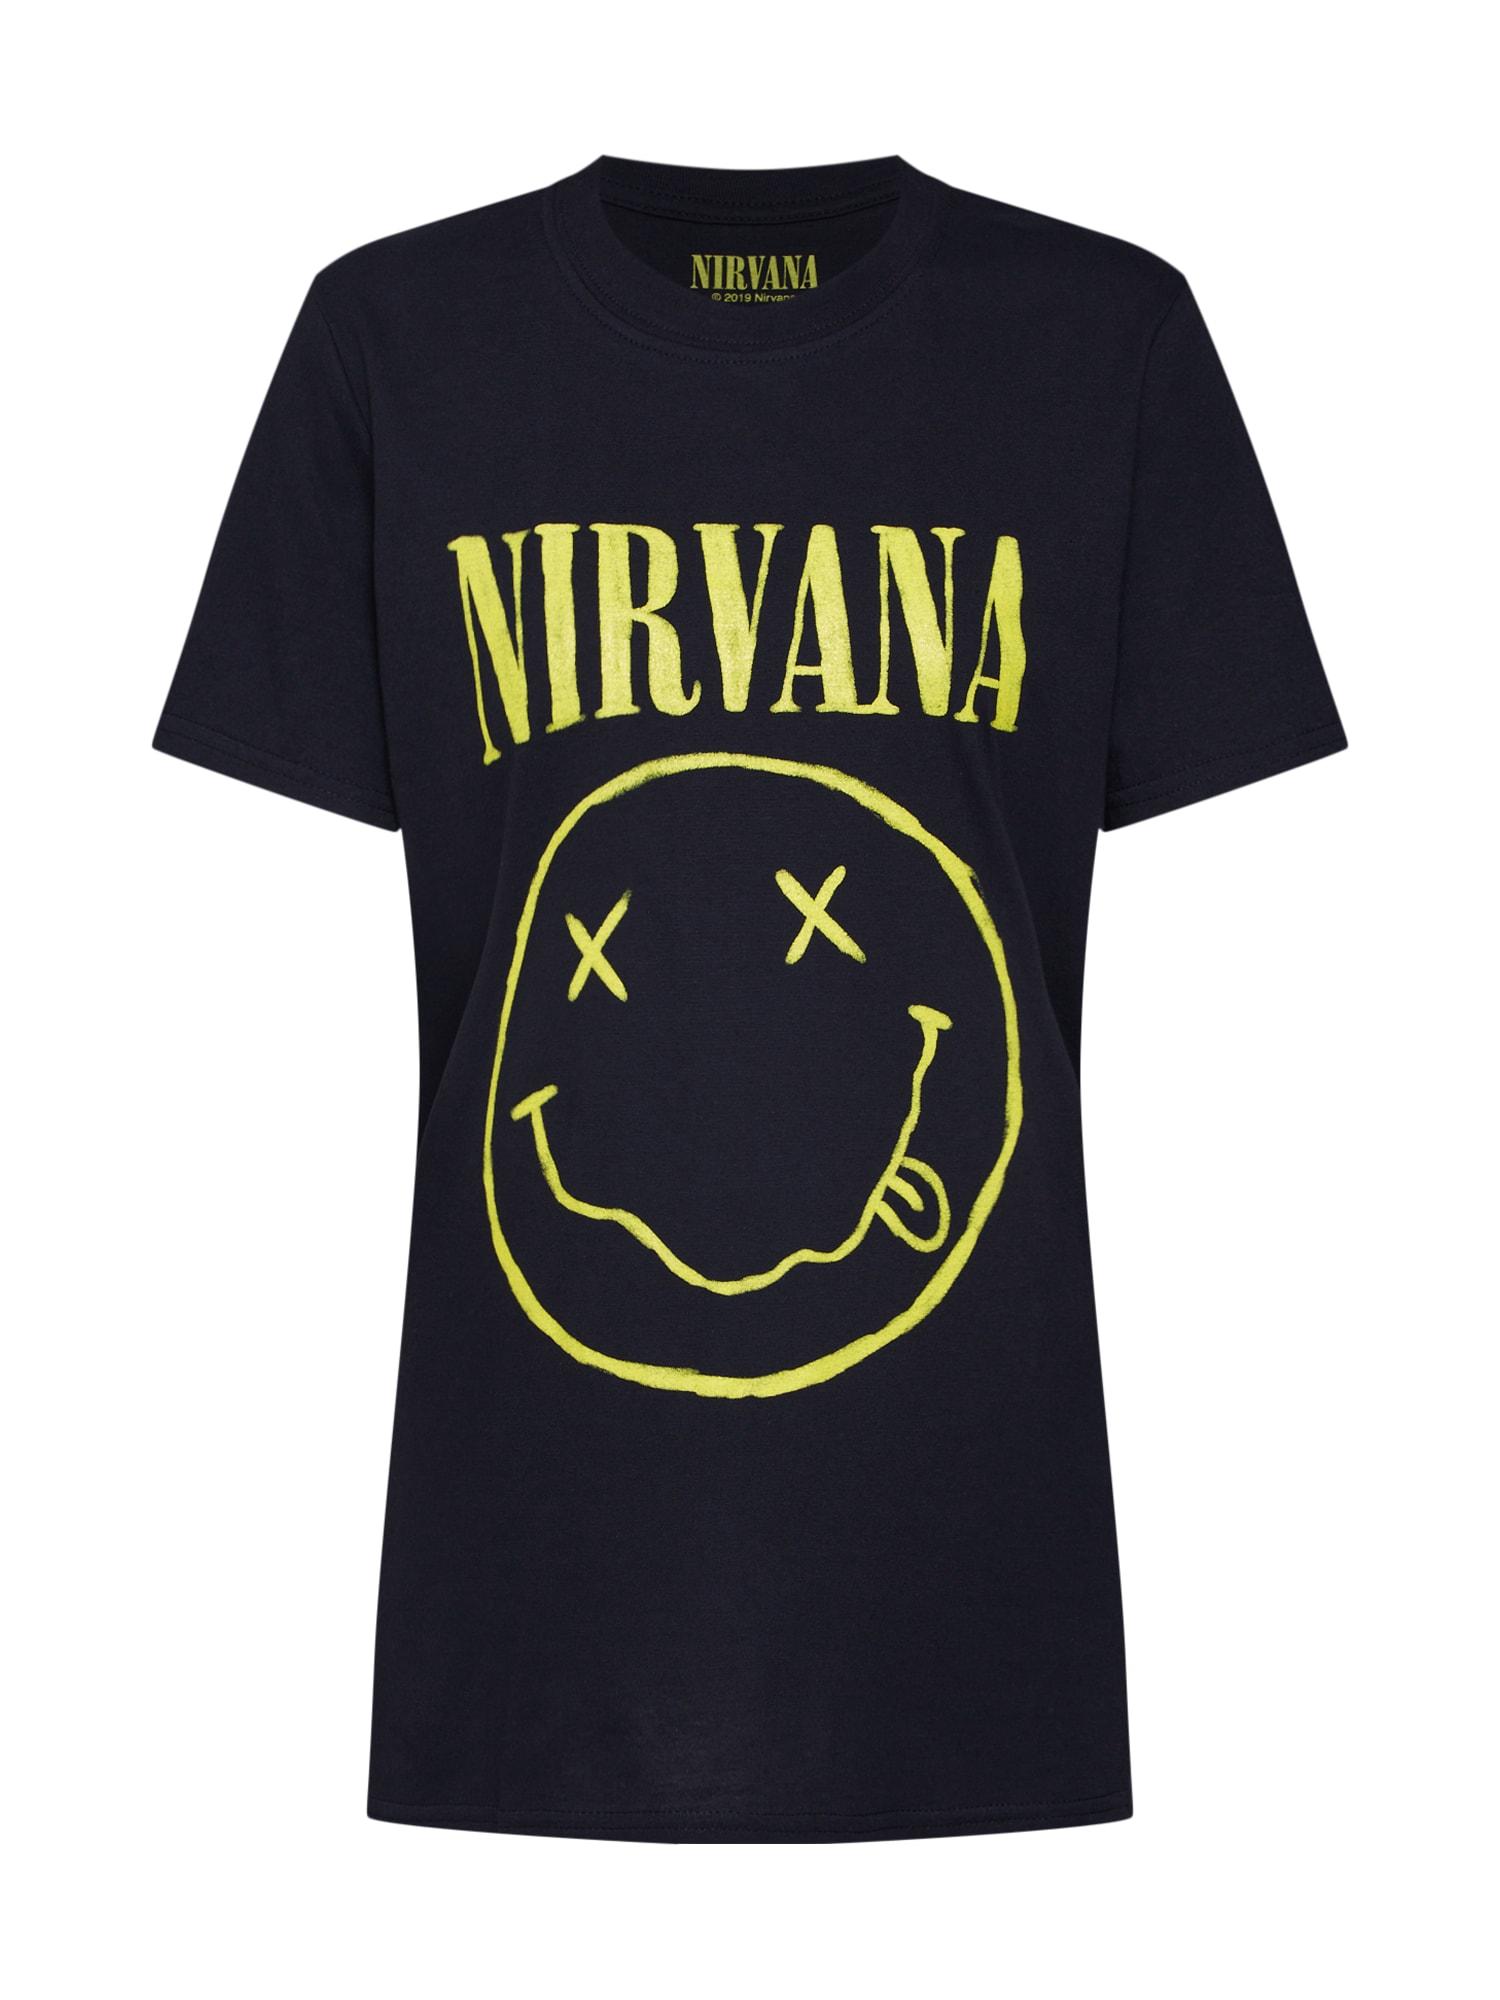 Tričko NIRVANA LICENCE žlutá černá Missguided